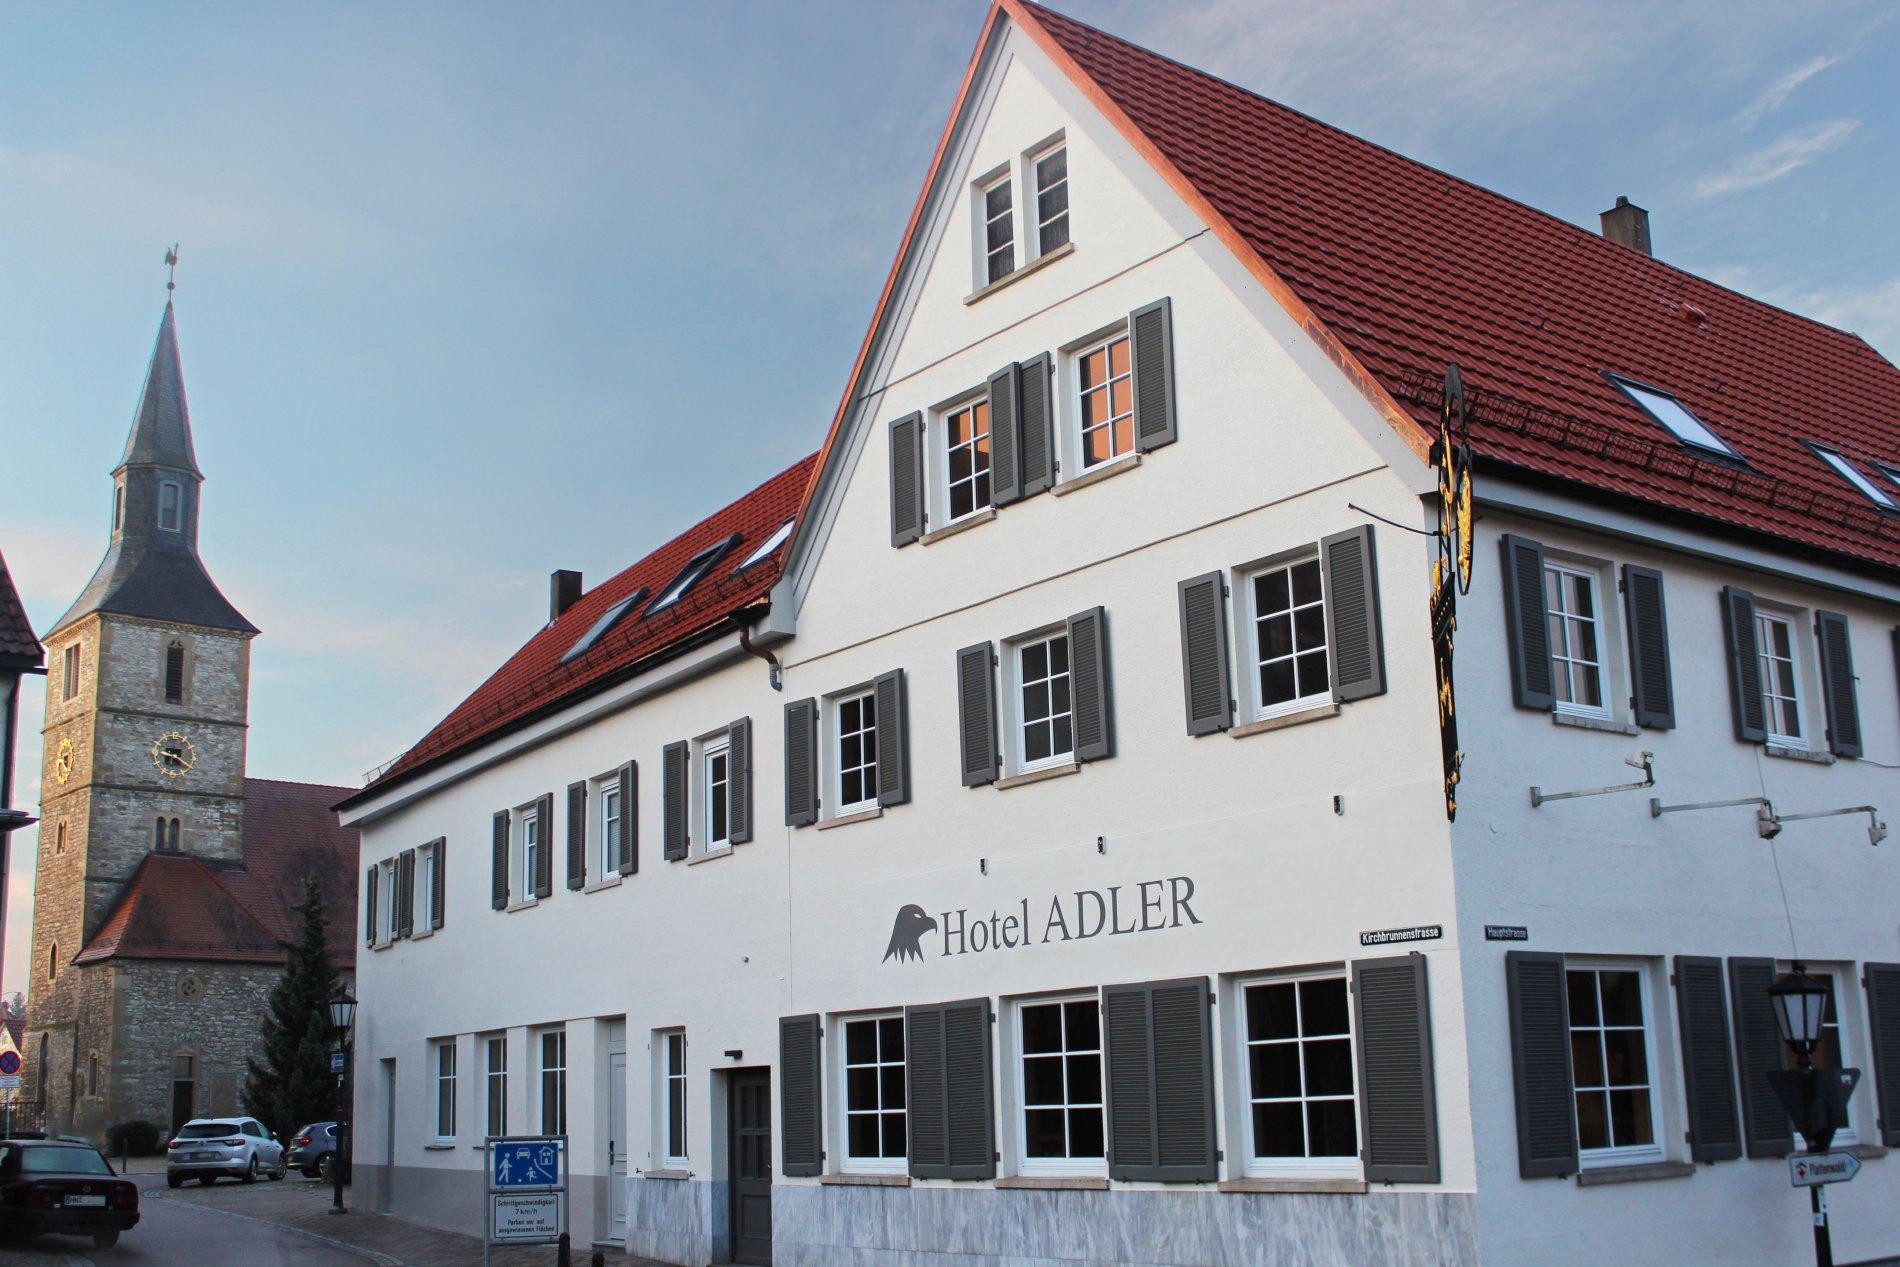 Außenansicht Hotel Adler - Bad Friedrichshall - HeilbronnerLand